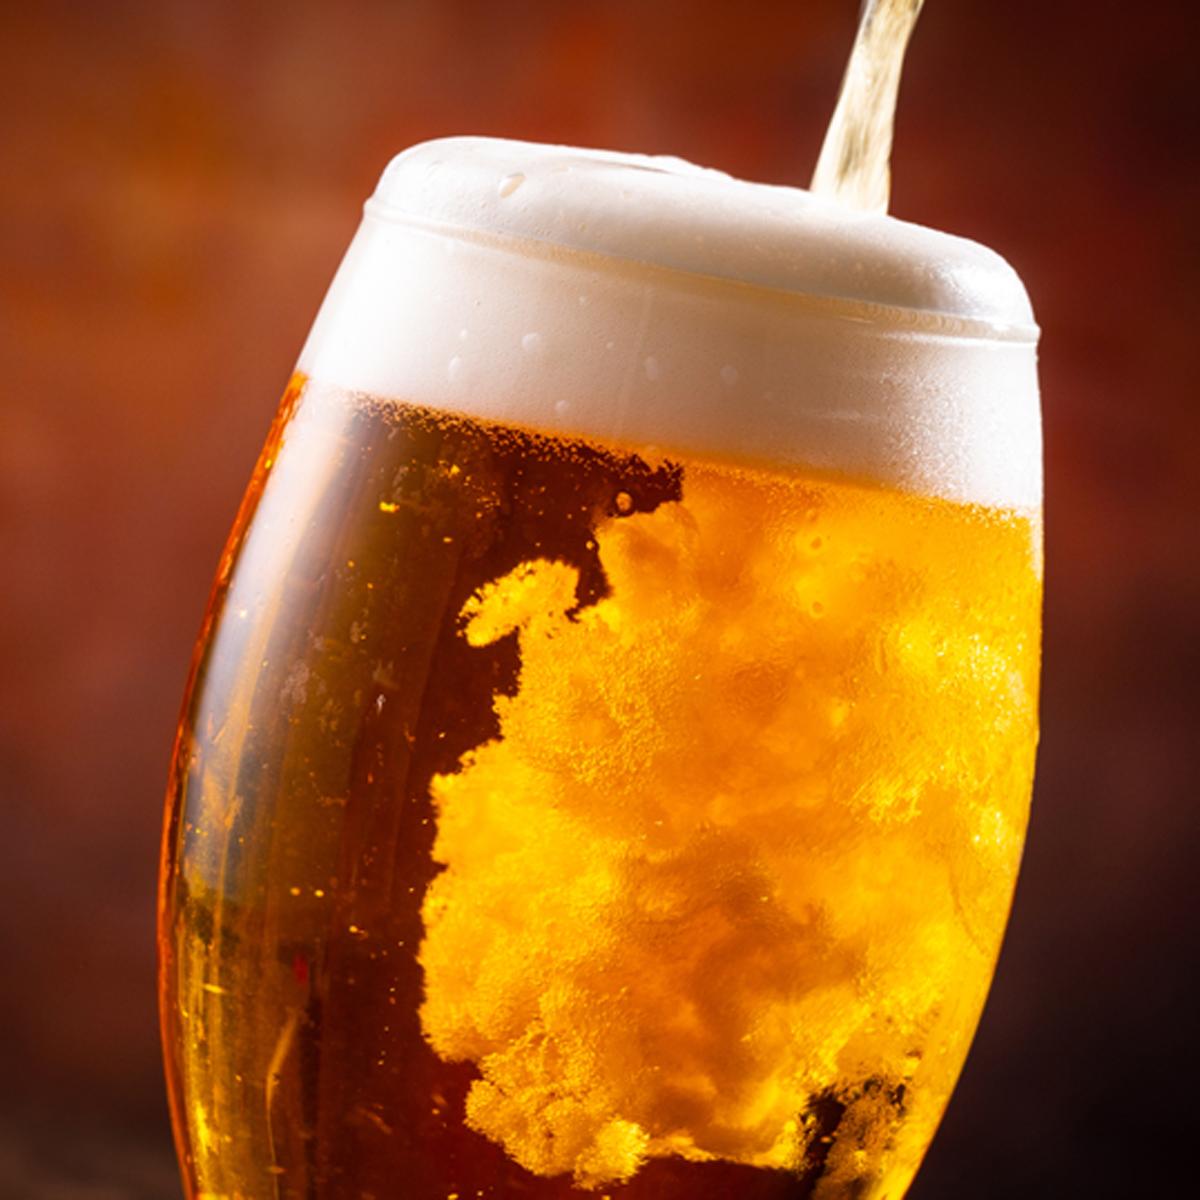 「ビール系飲料」の酒税一本化で、10月からビールが安く、新ジャンルは高くなる?